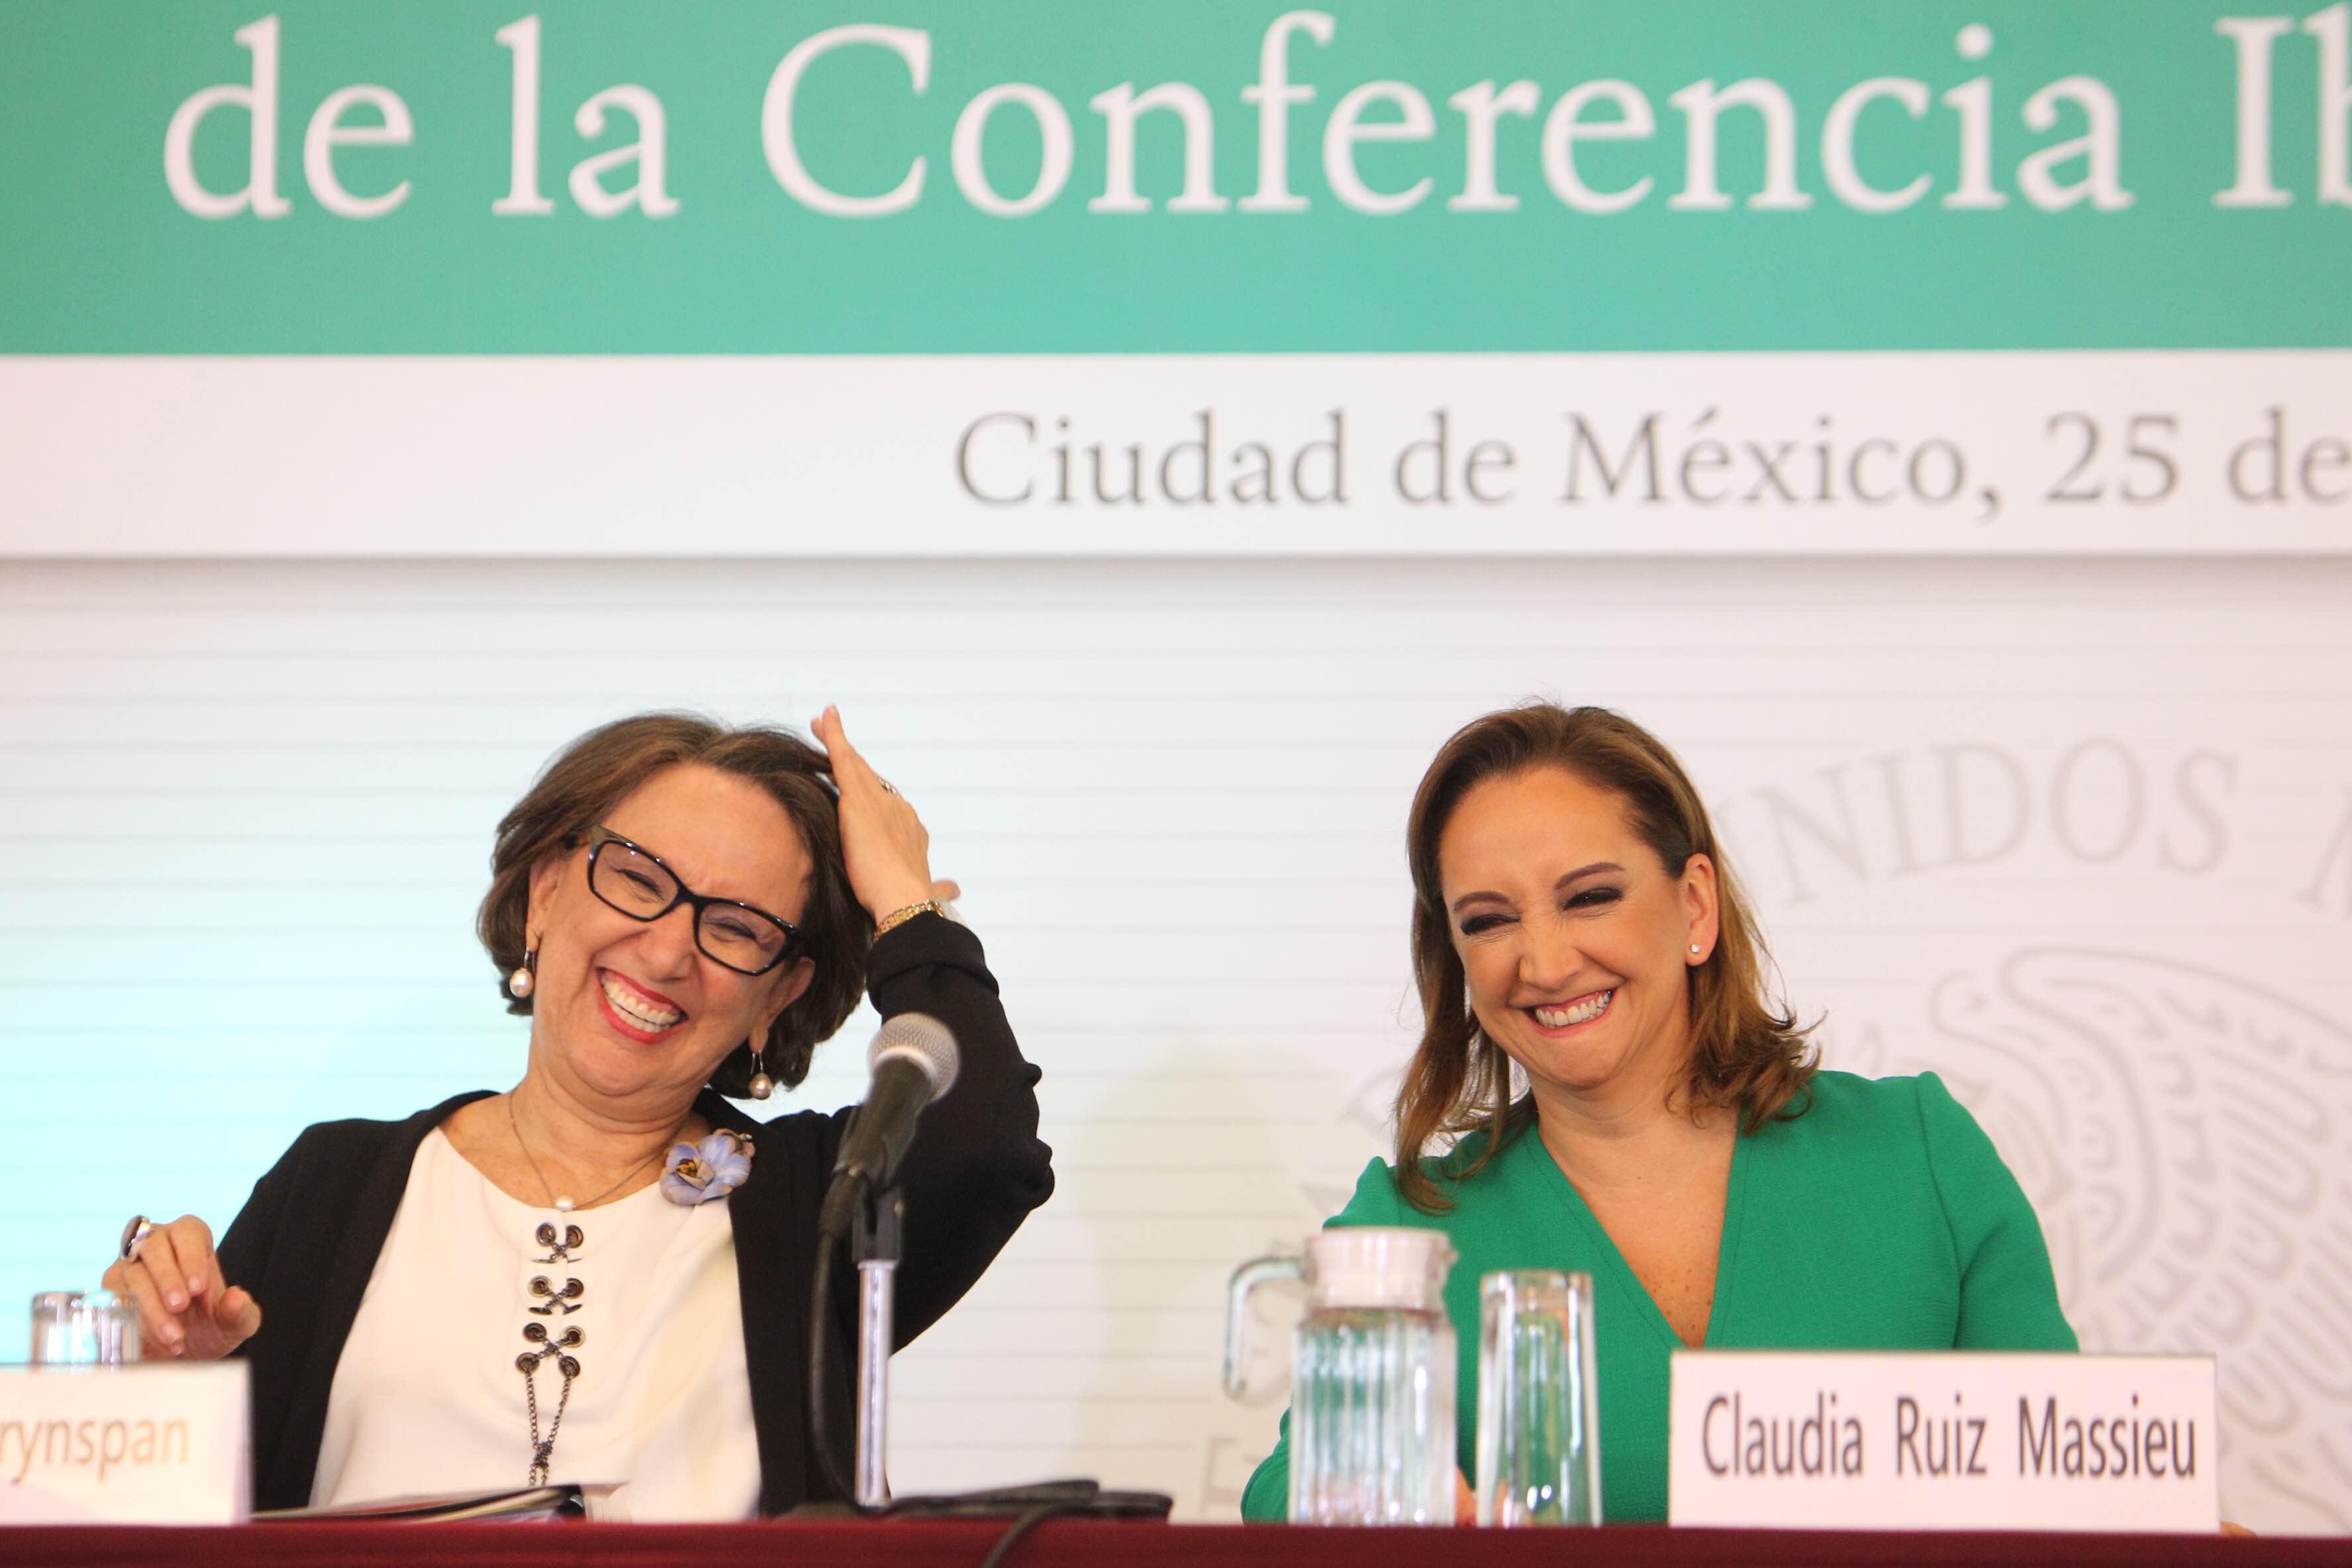 México conmemora el XXV Aniversario de la  Conferencia Iberoamericana